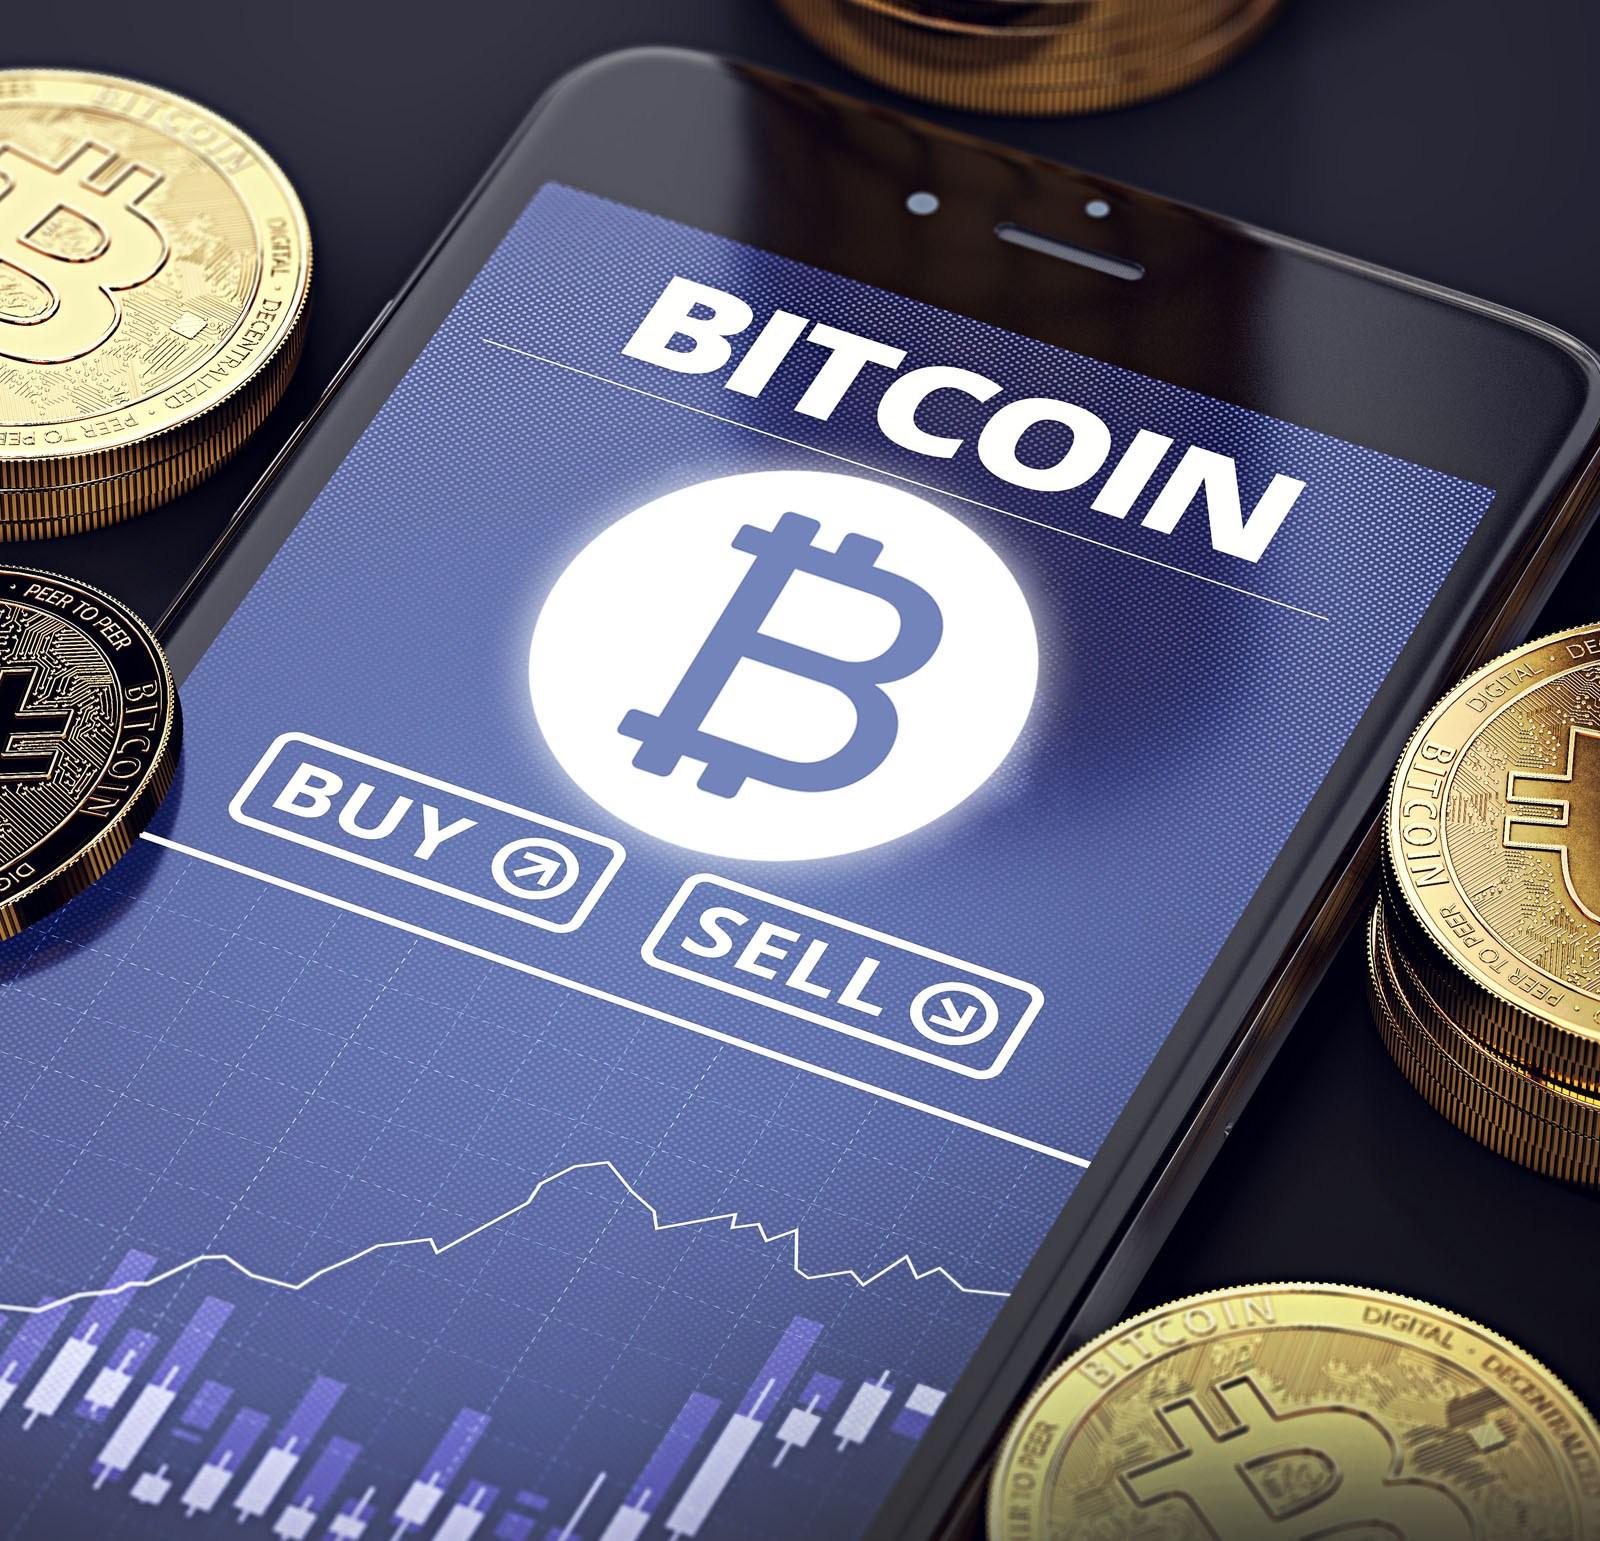 formas criativas de ganhar dinheiro online bitcoins comprar